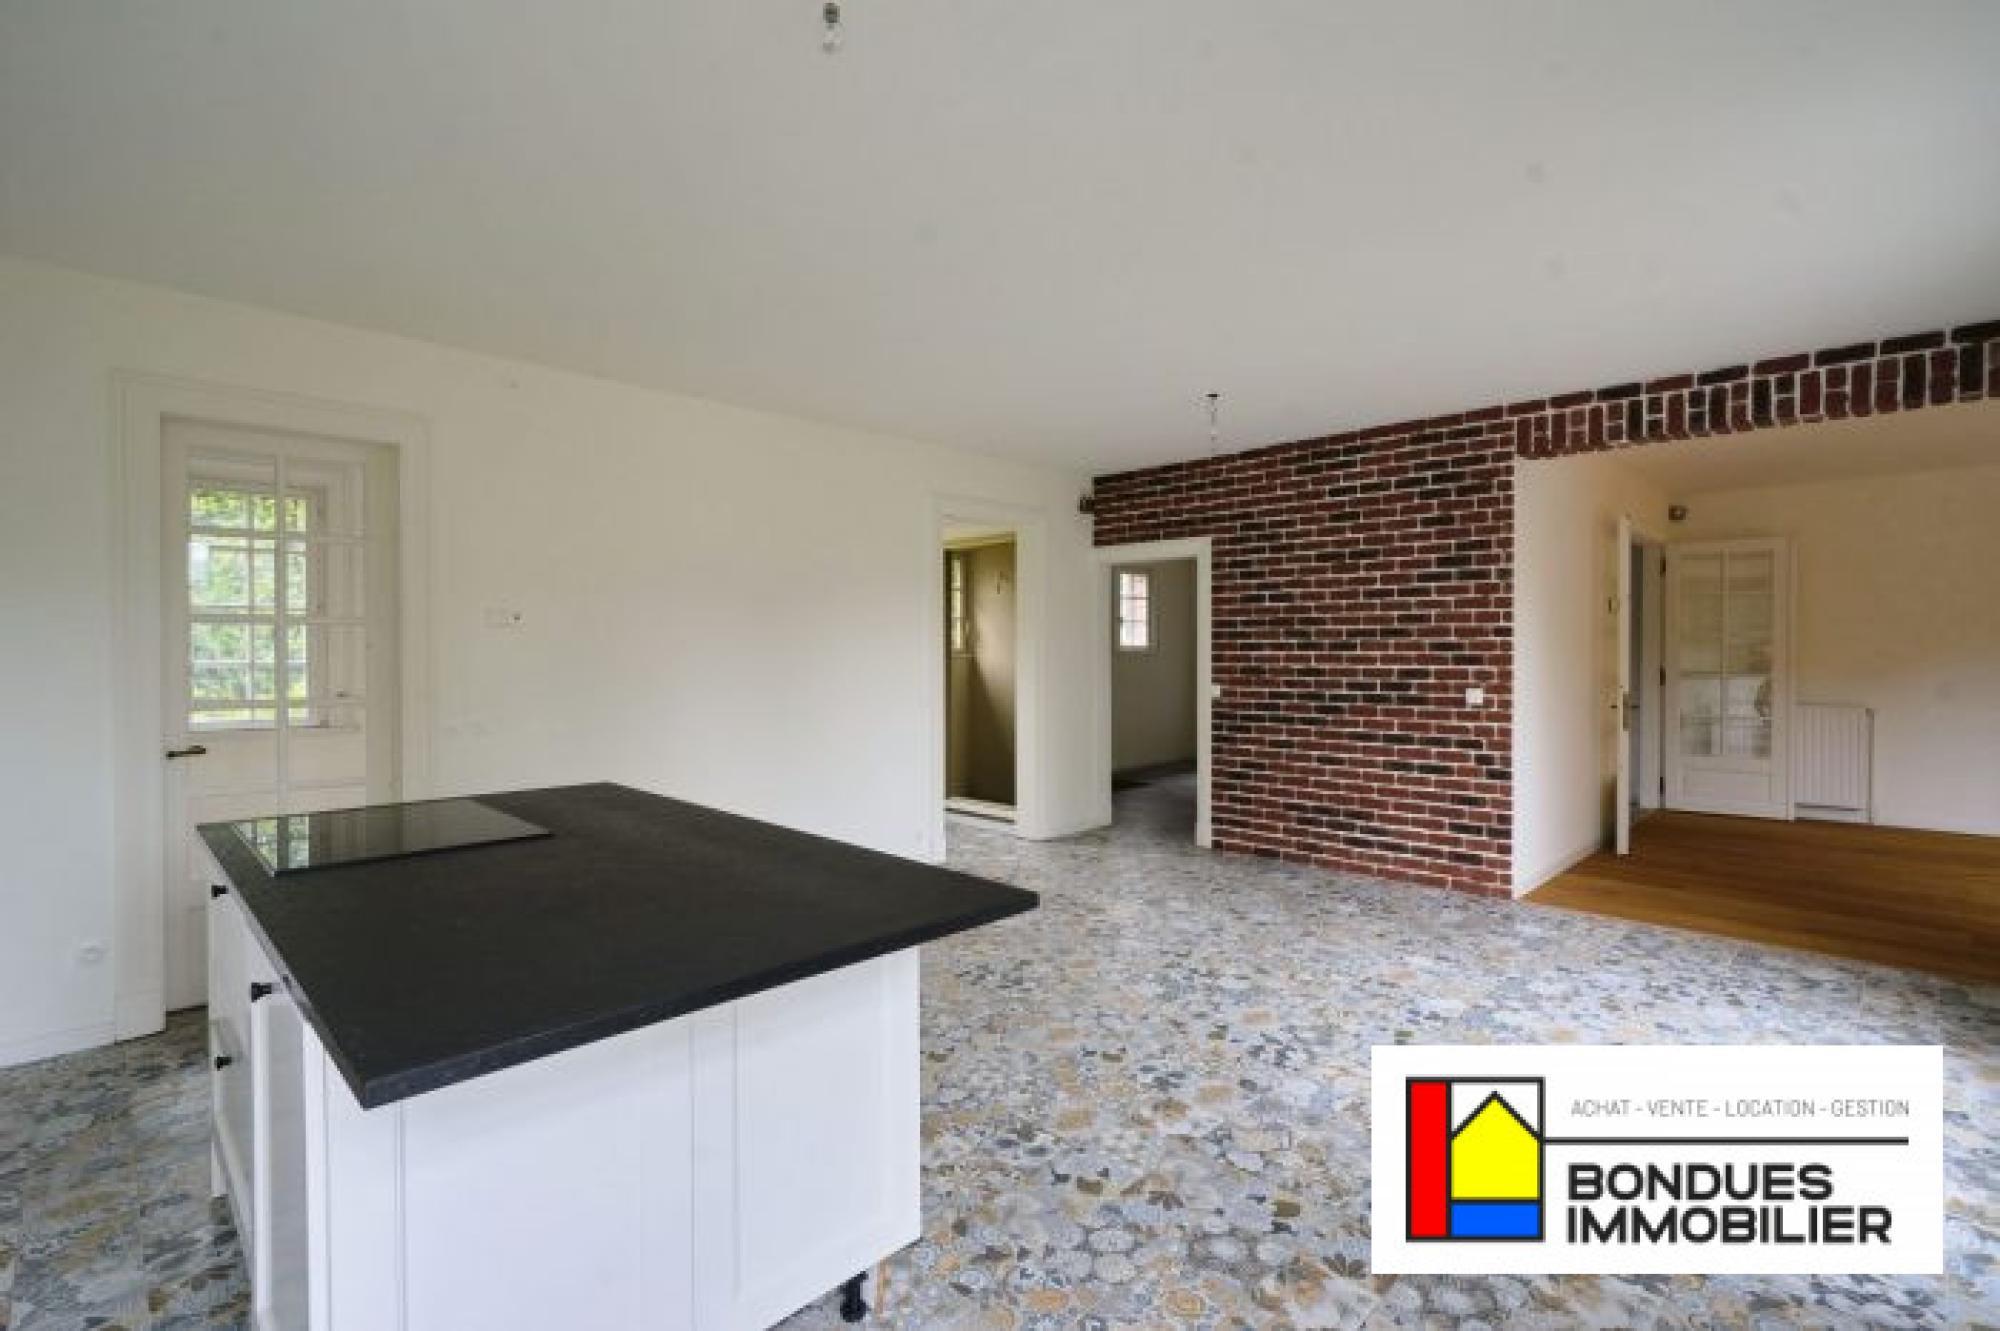 vente maison bondues refVM420 (7)